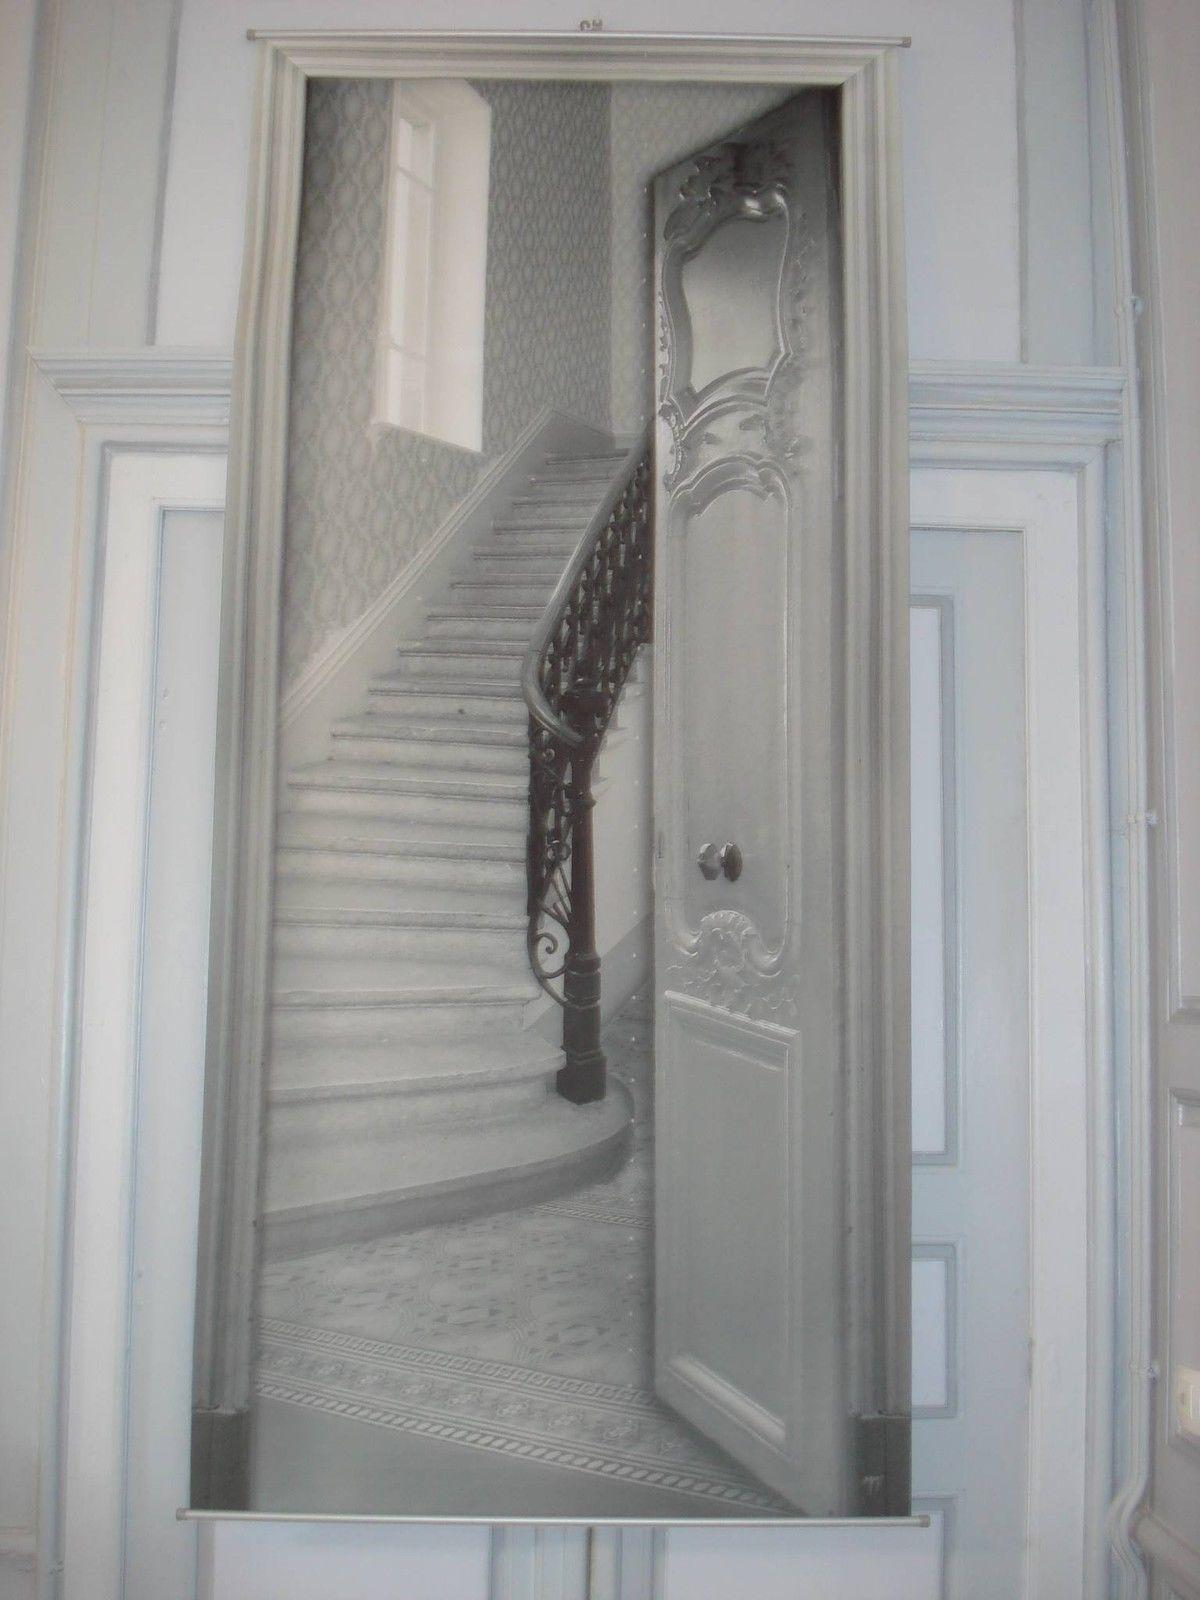 Toile Dcorative Trompe Loeil Lescalier Dco Mathilde M Dream Living Murales Fabric